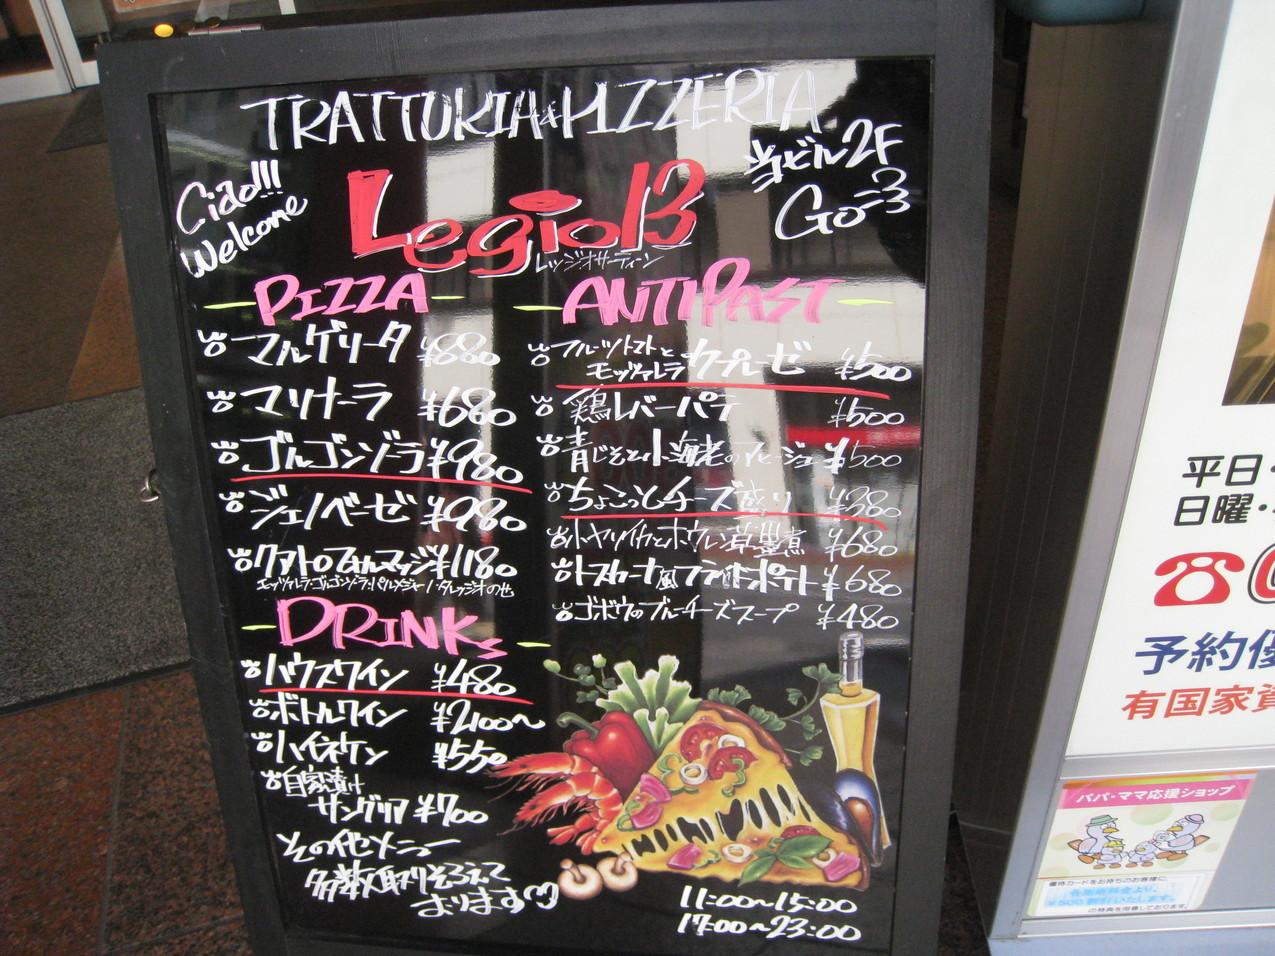 Trattoria&Pizzeria Legio13